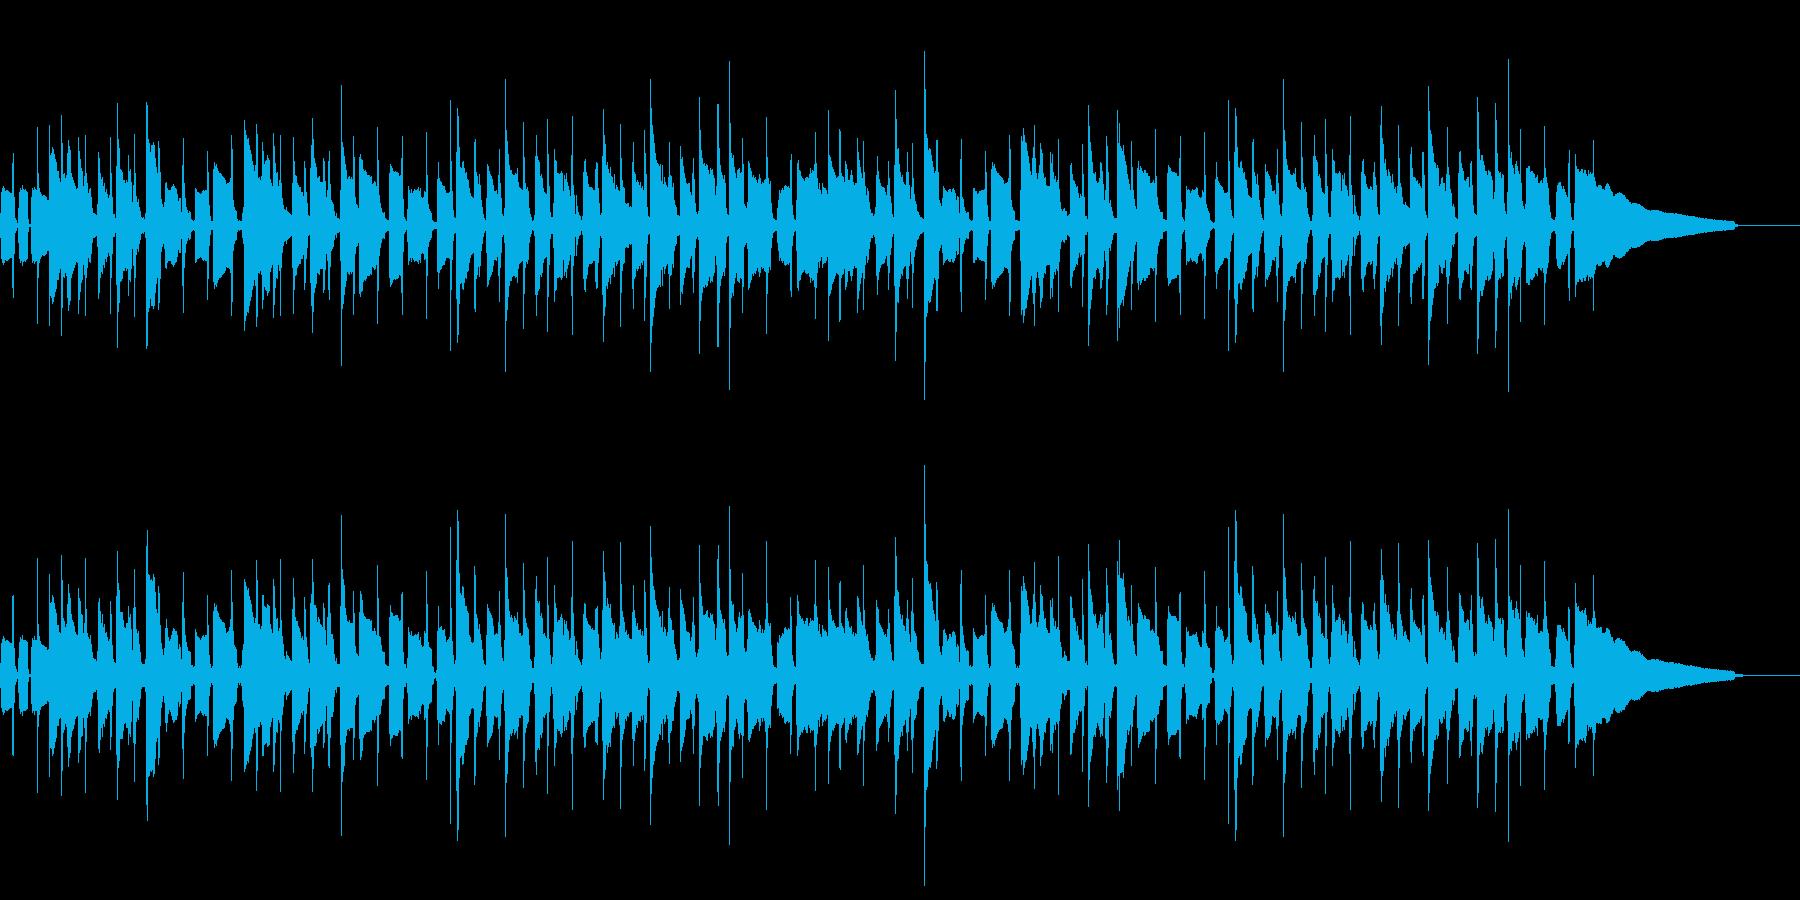 シンプルで覚えやすいウクレレバンド曲の再生済みの波形